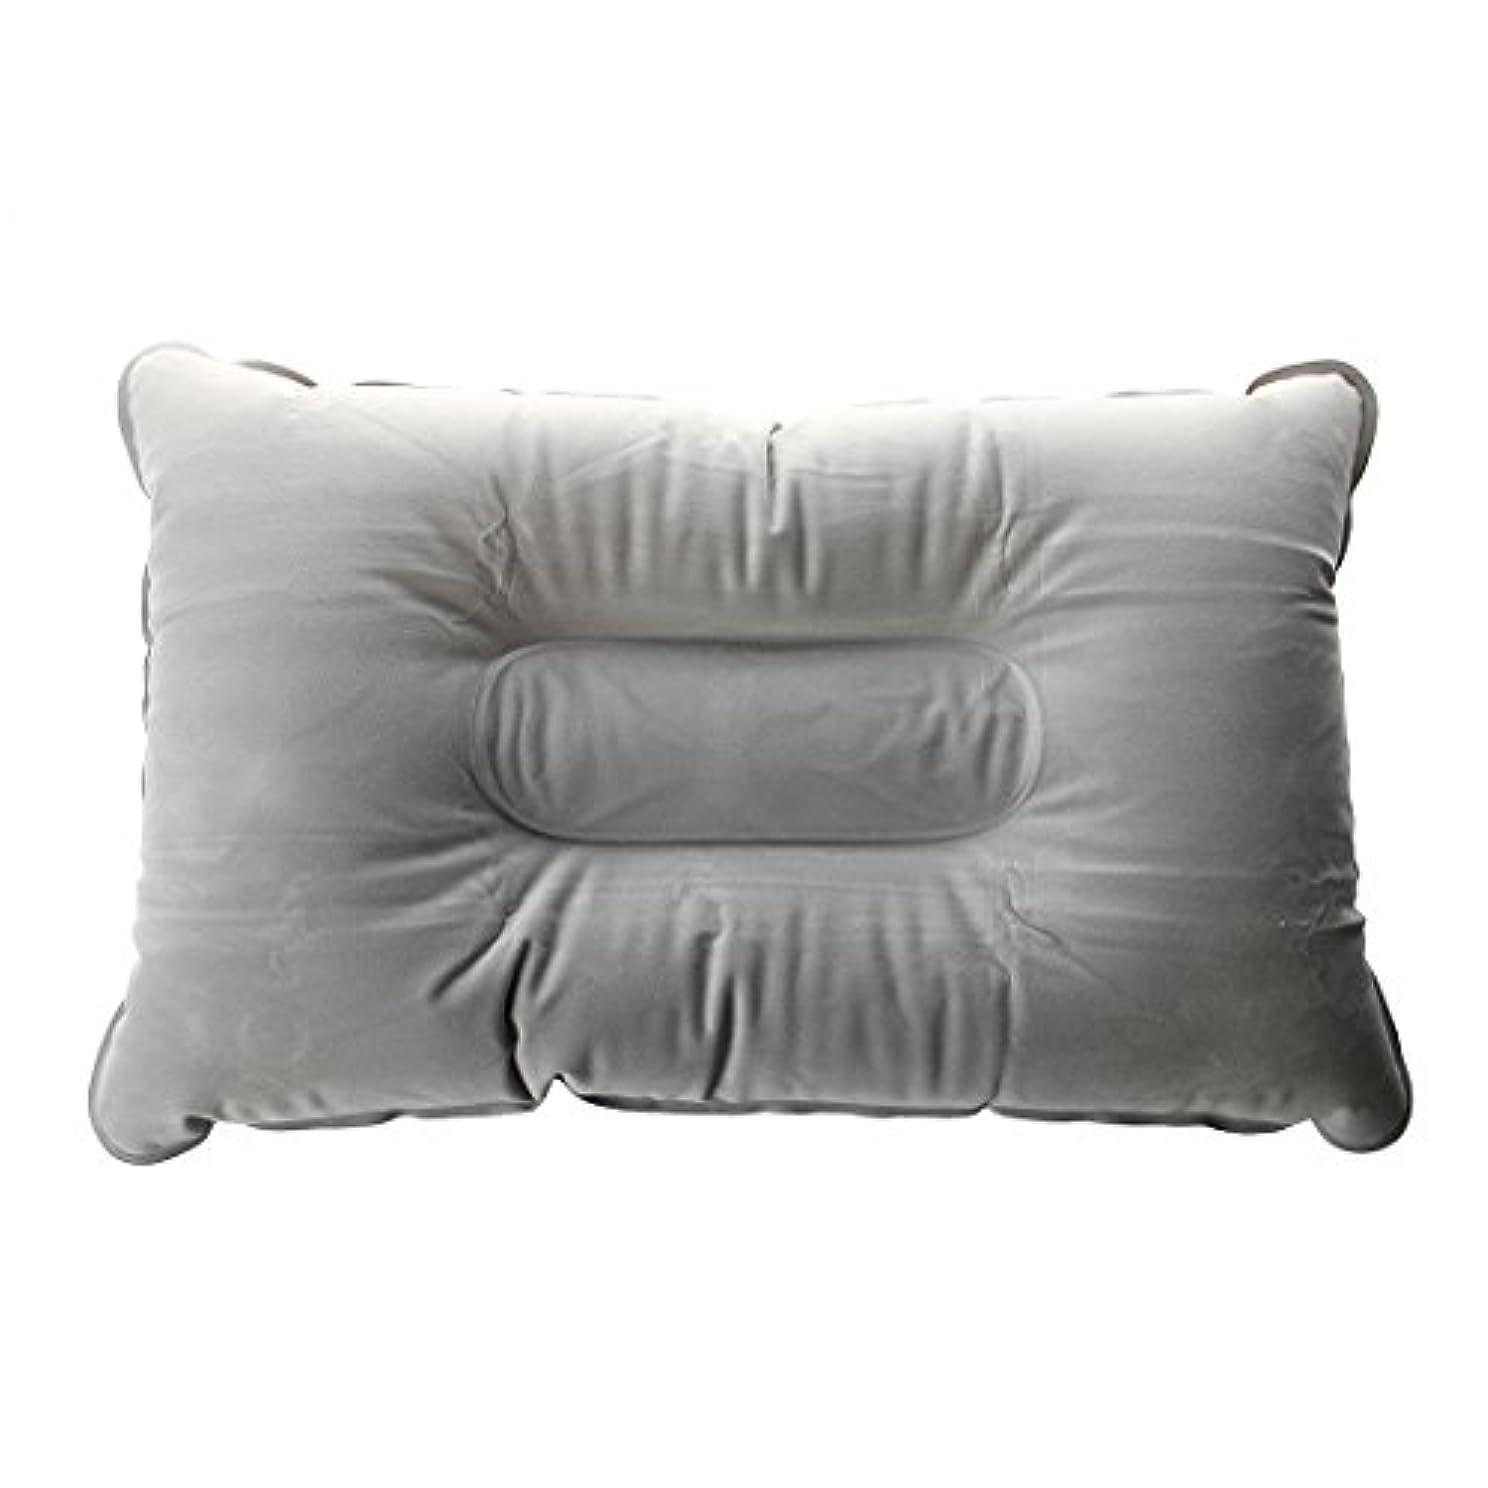 TOOGOO ダブルフェイス+インフレータブル枕 クッション マット キャンプ ピクニックの為 灰色 40 * 25cm